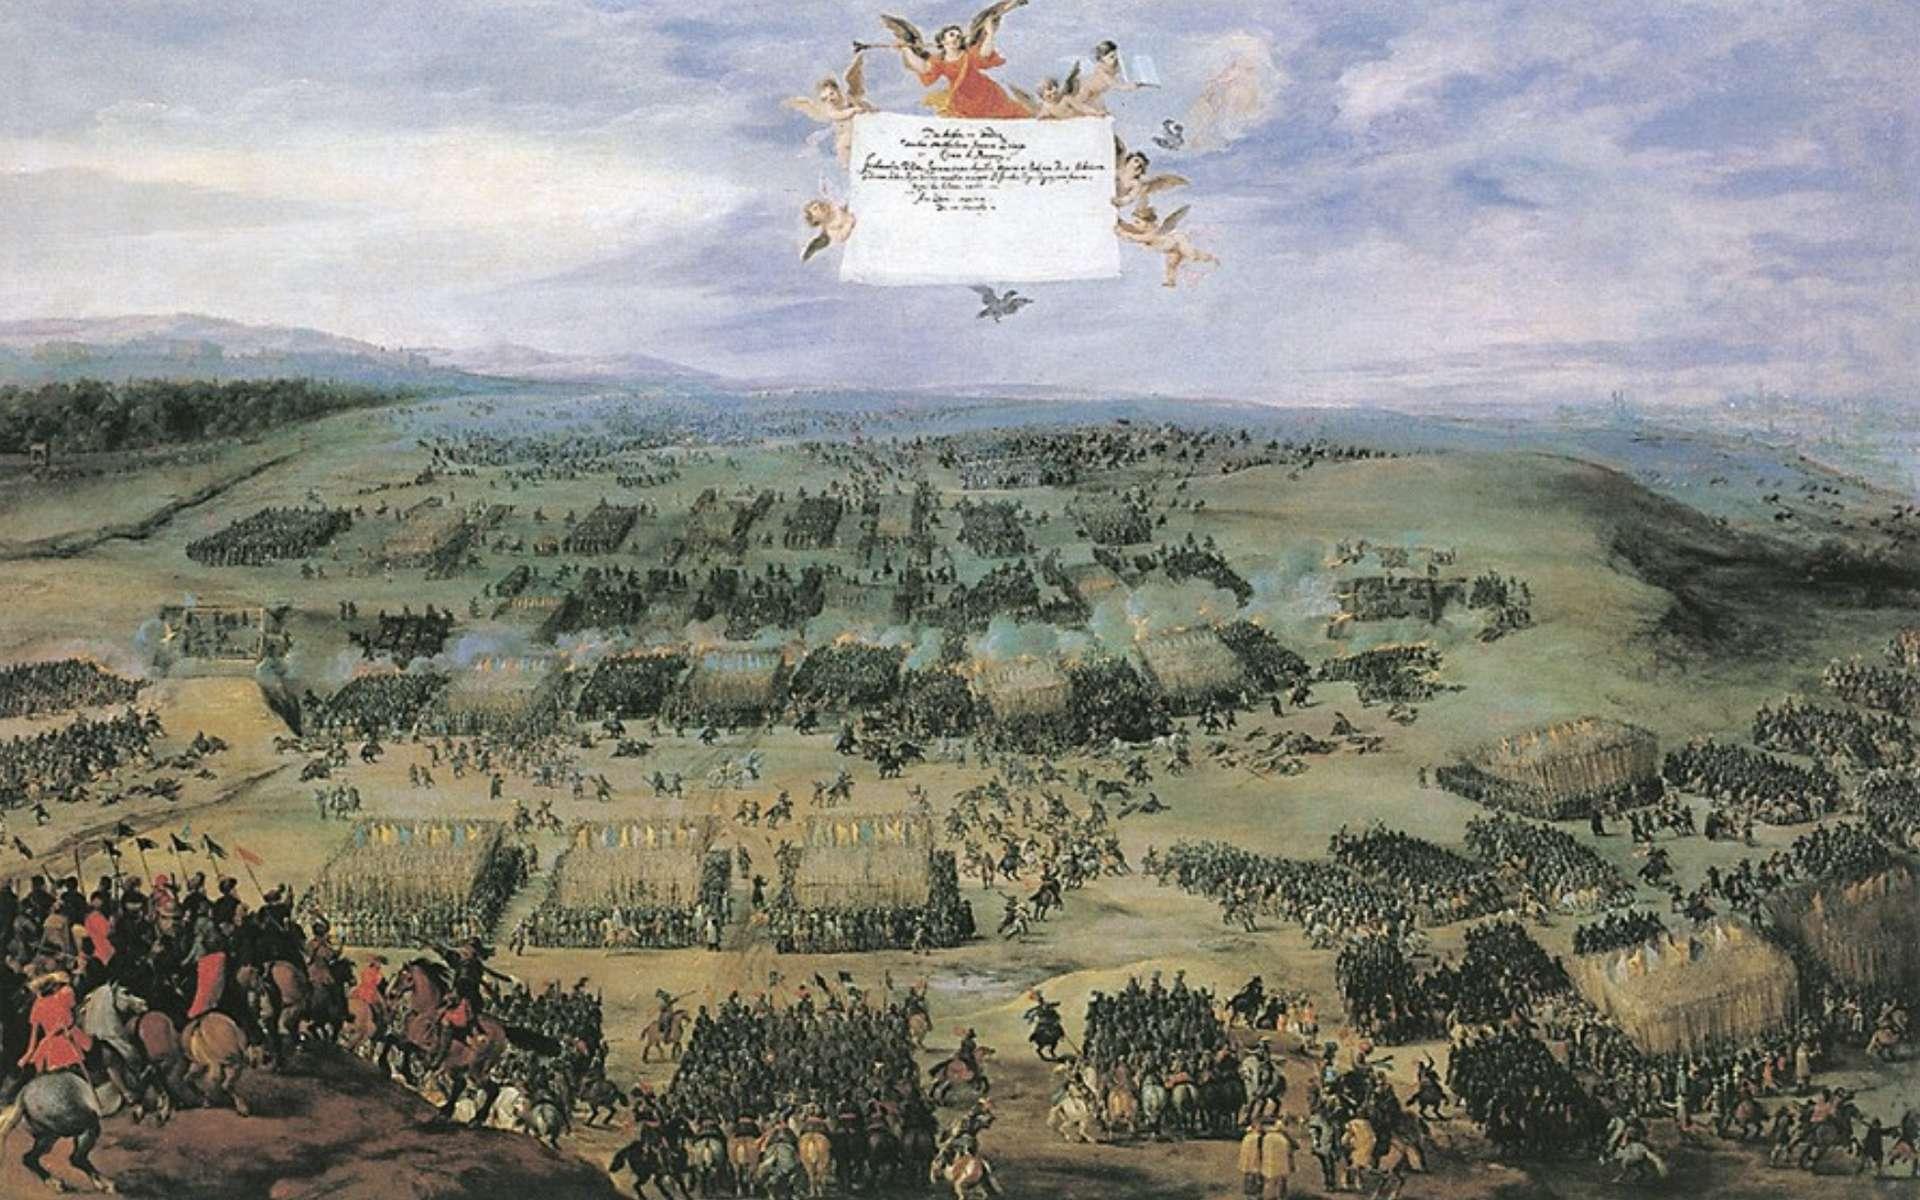 La guerre de Trente Ans et la bataille de la montagne Blanche, le 8 novembre 1620, peinture de Peeter Snayers. © Wikimedia Commons, Domaine public